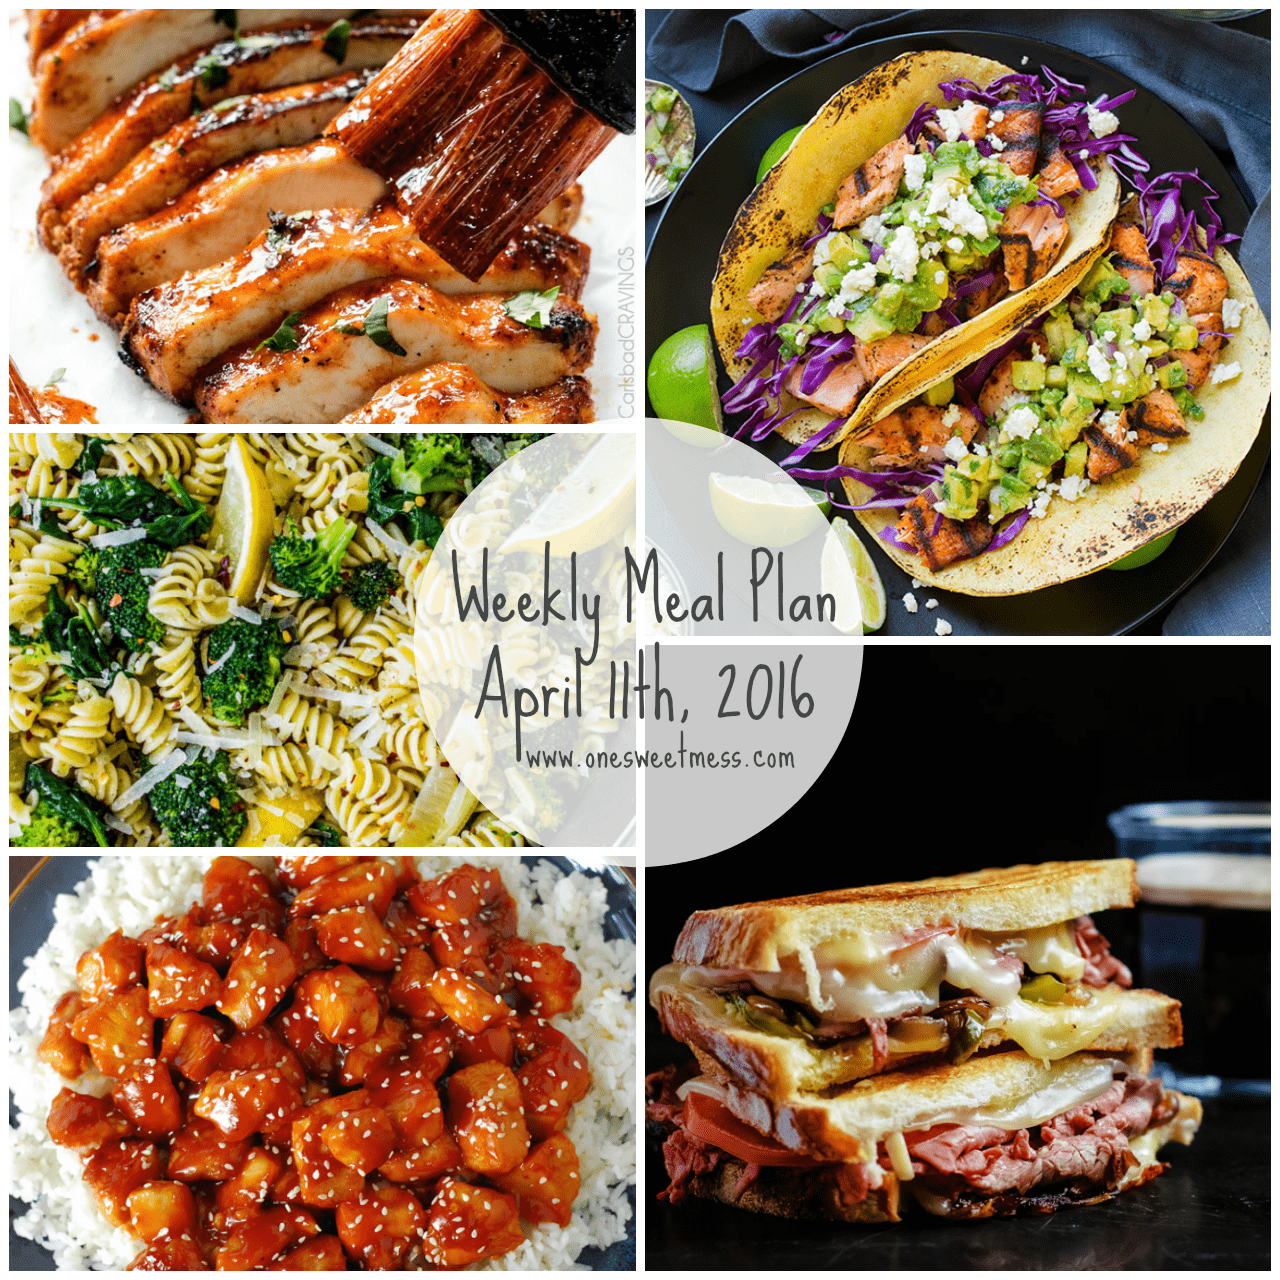 Week of April 11th, 2016 Weekly Meal Plan + Printable Grocery List